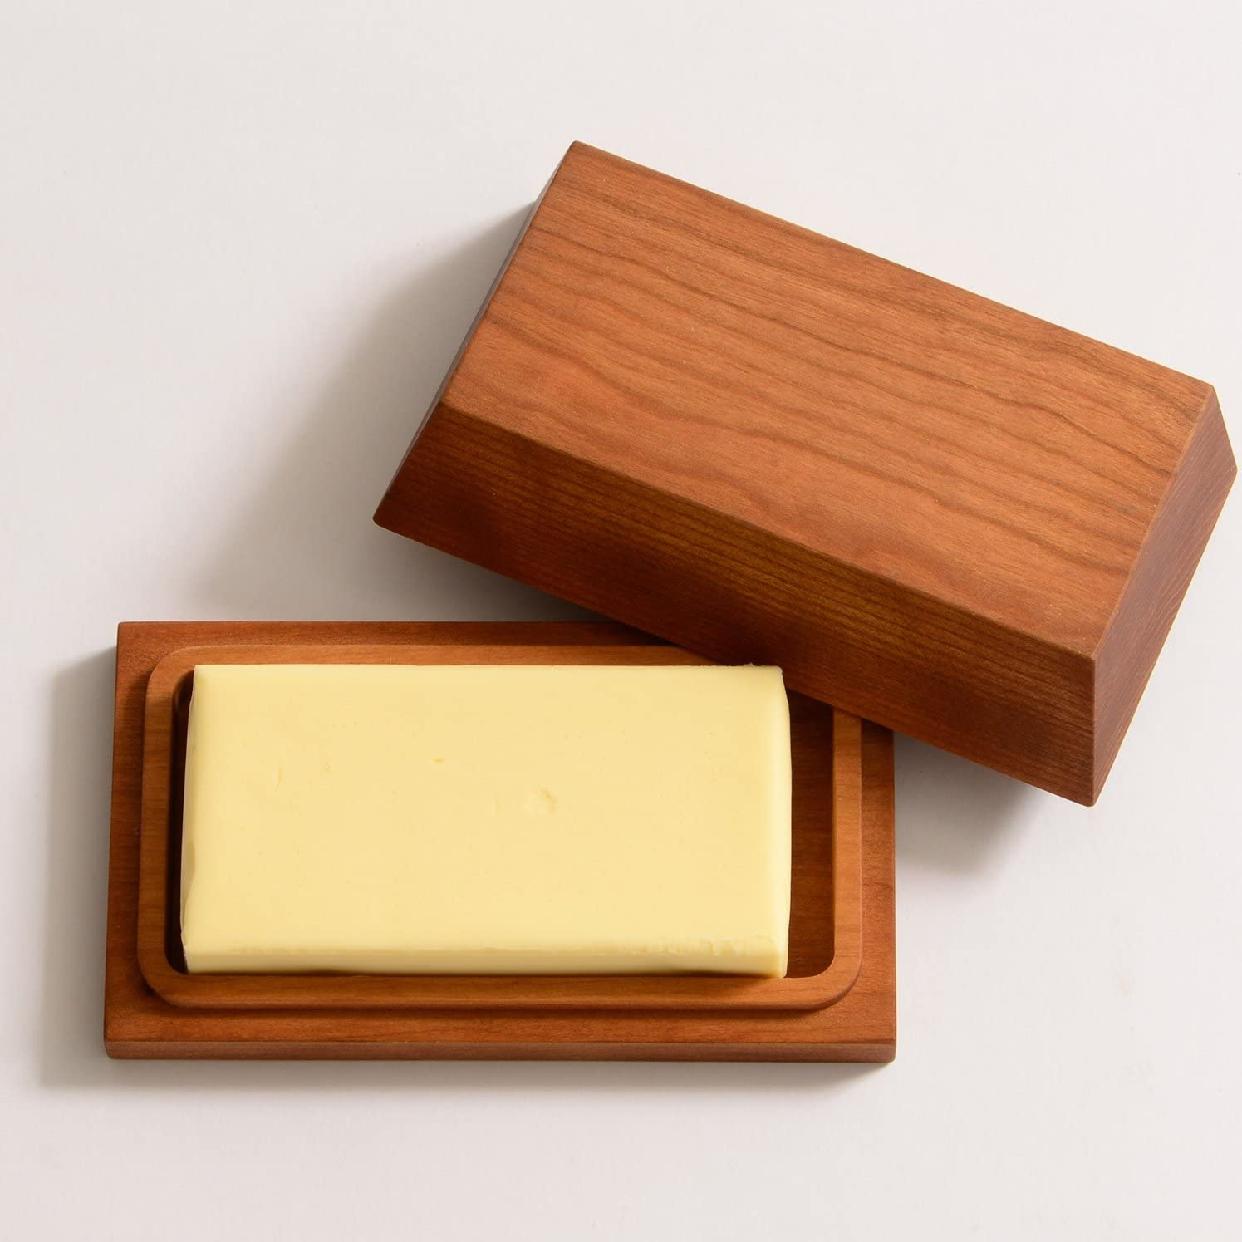 Das Holz(ダスホルツ)バターケースの商品画像3